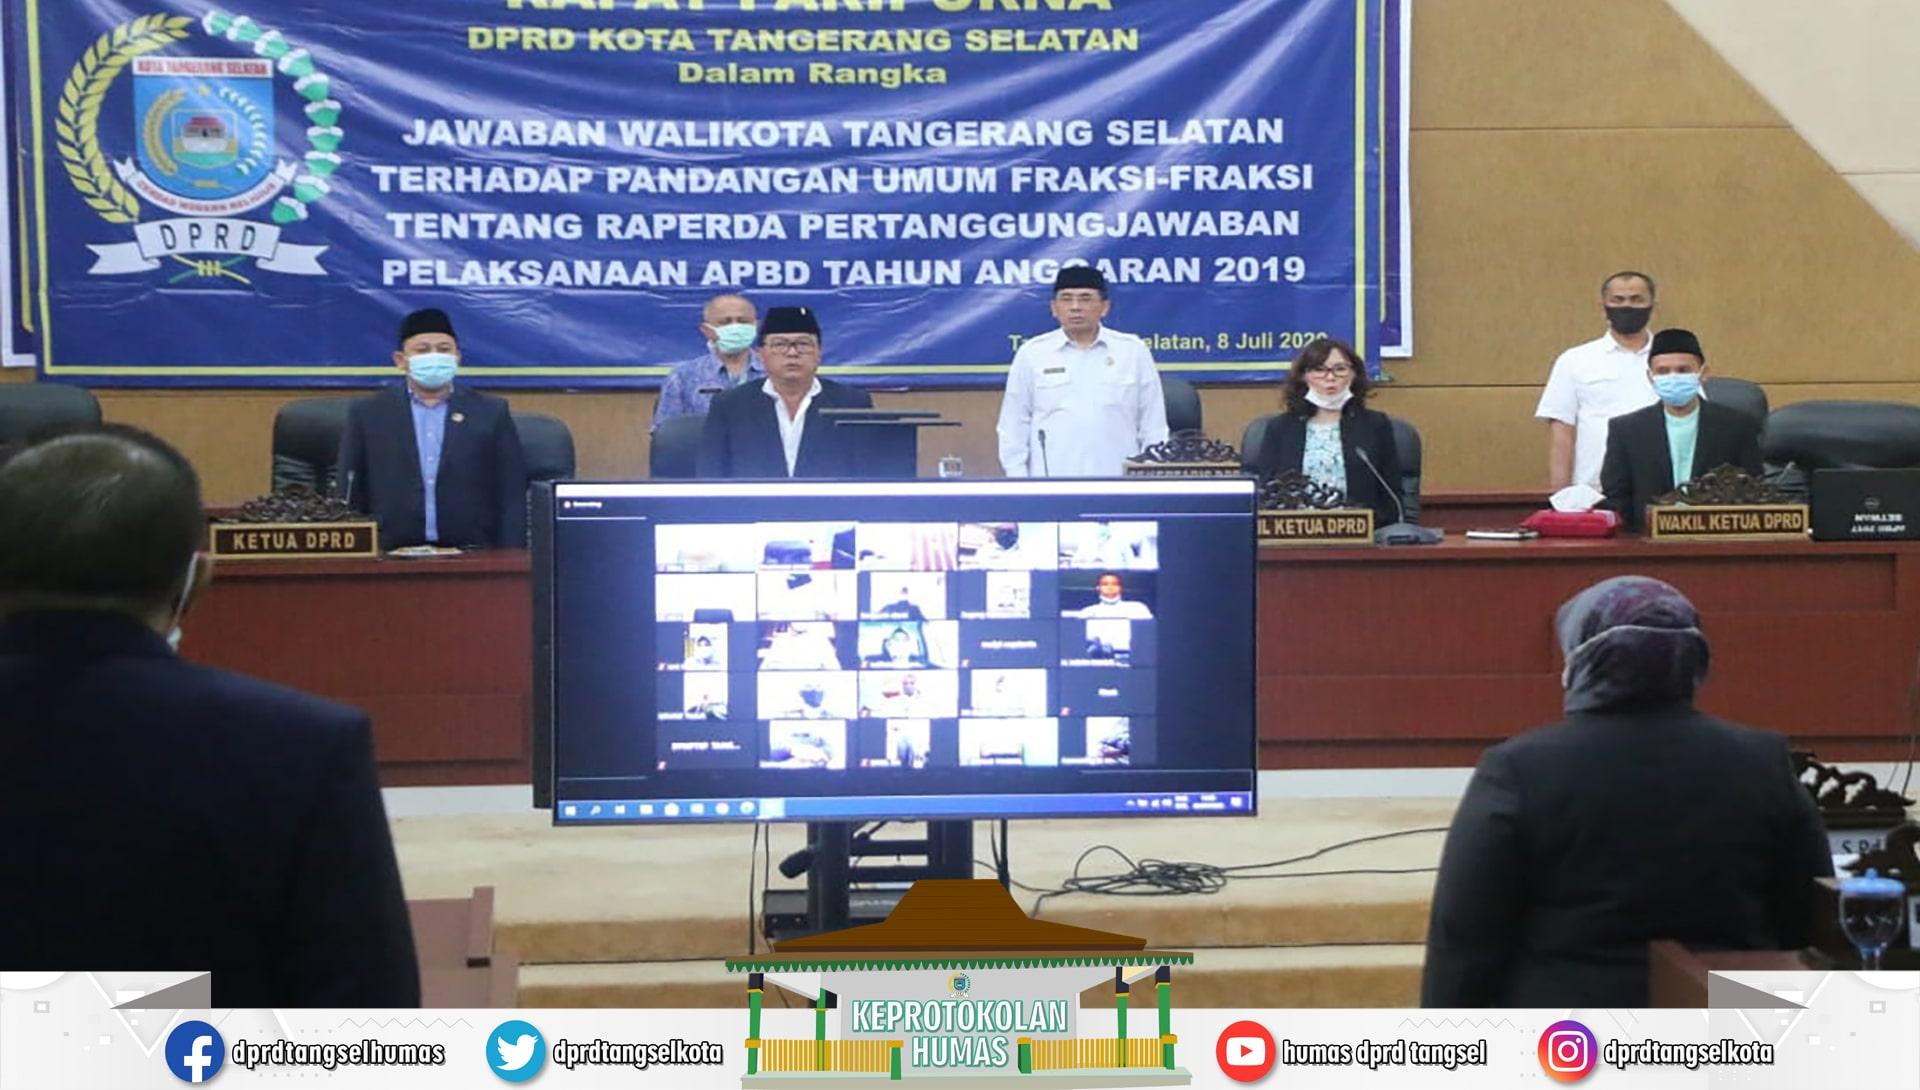 Rapat Paripurna Pandangan Umum Fraksi ttg Pelaksanaan APBD TA. 2019